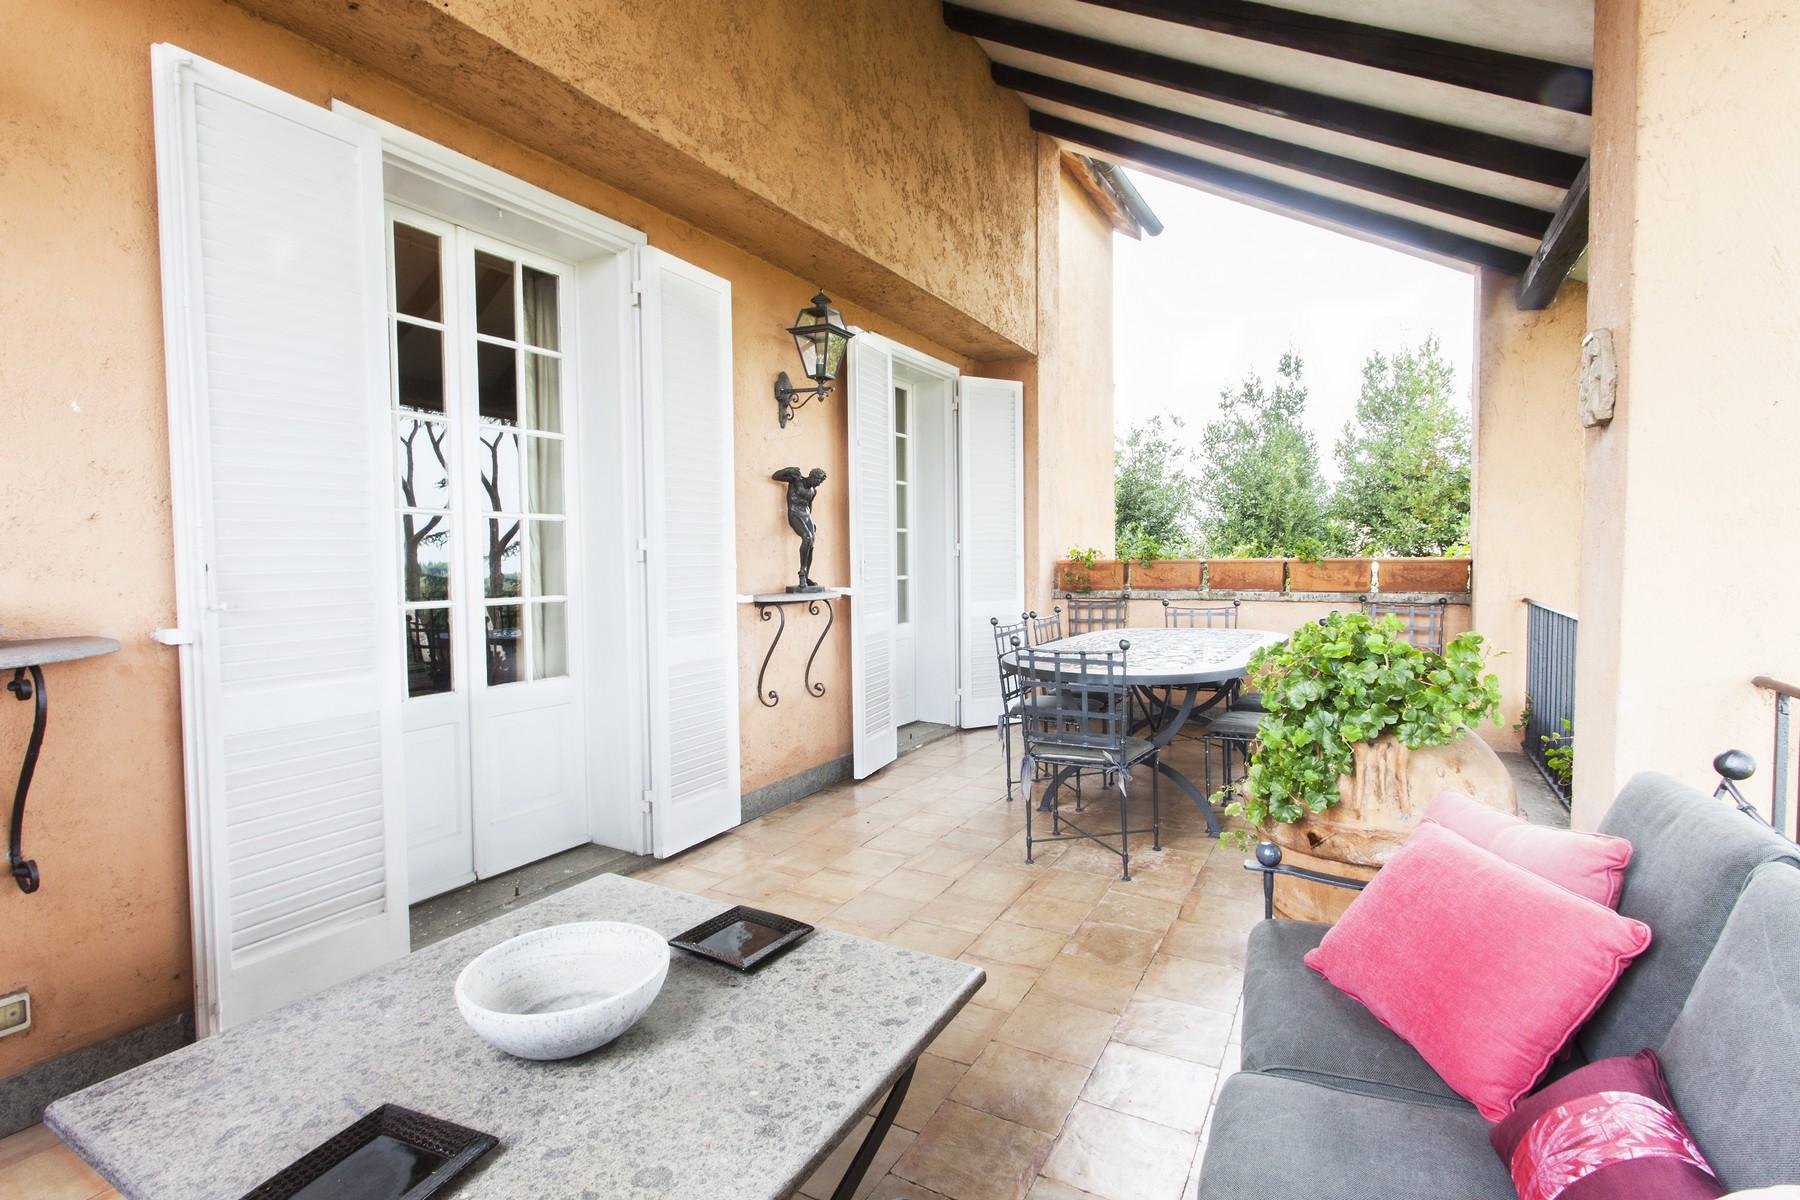 Single Family Home for Sale at Elegant Villa with spectacular views Via della Camilluccia Rome, Rome 00135 Italy